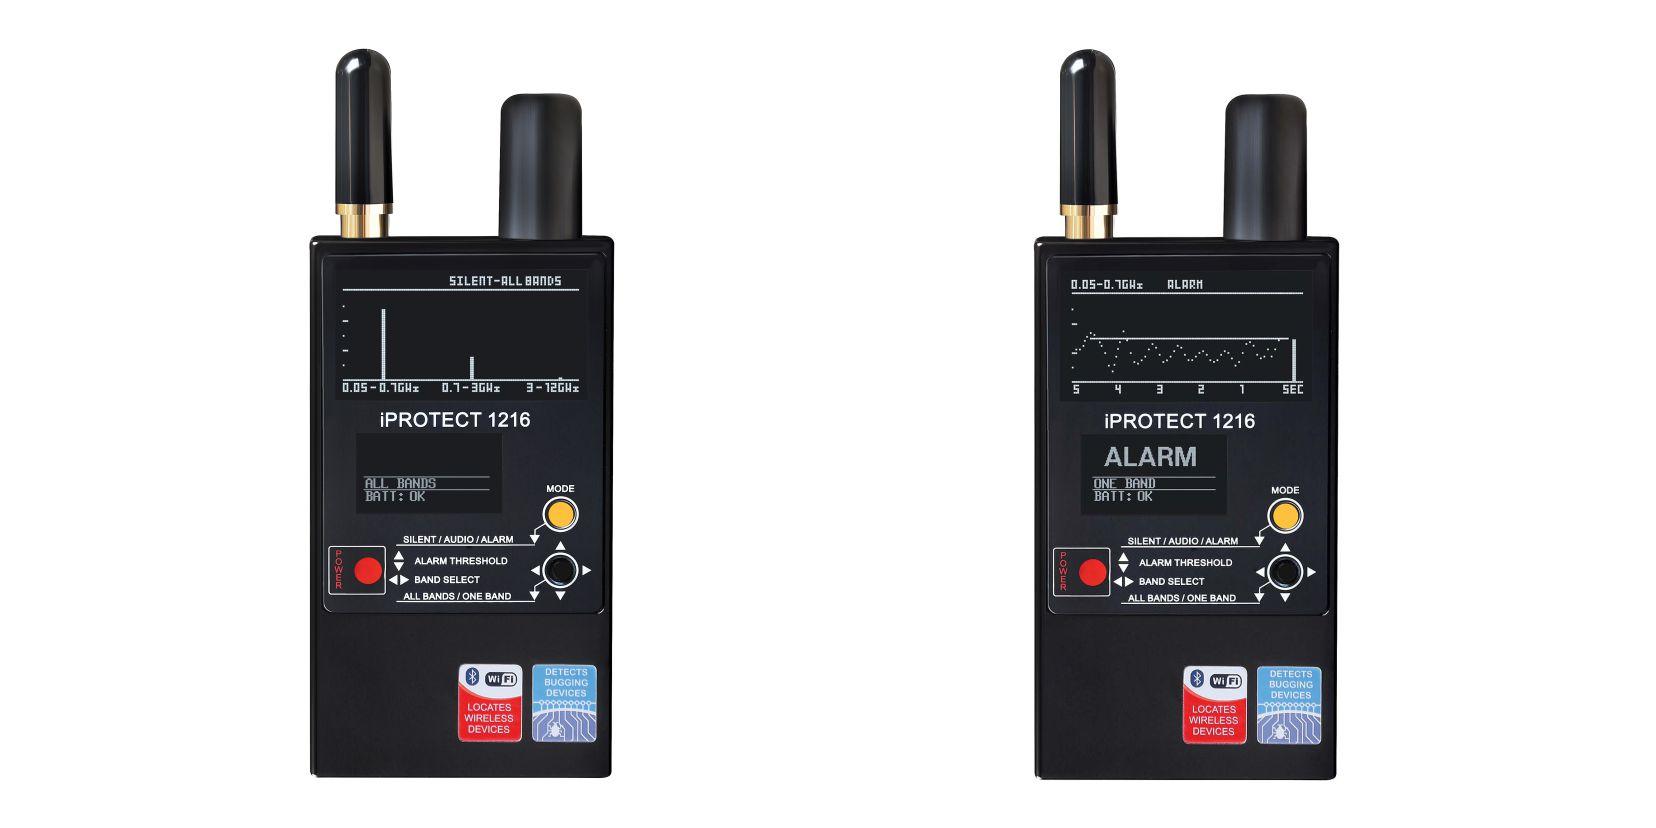 Výkonný detektor odposlechů iProtect 1216